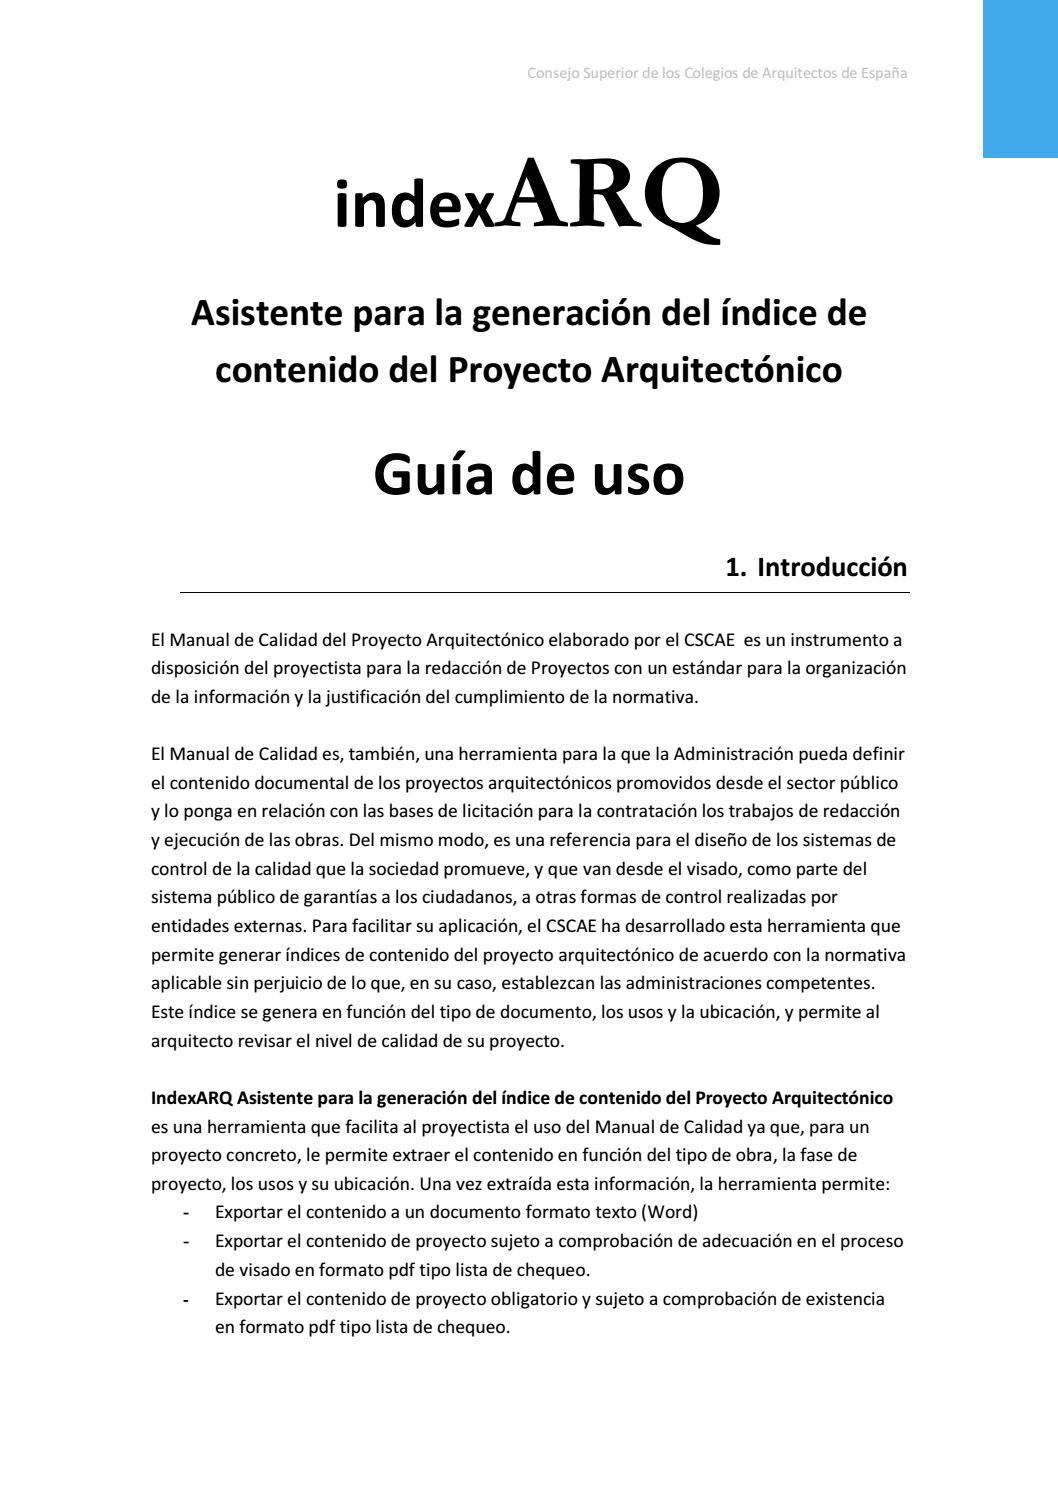 Guia De Uso Indexarq By Consejo Superior De Colegios De